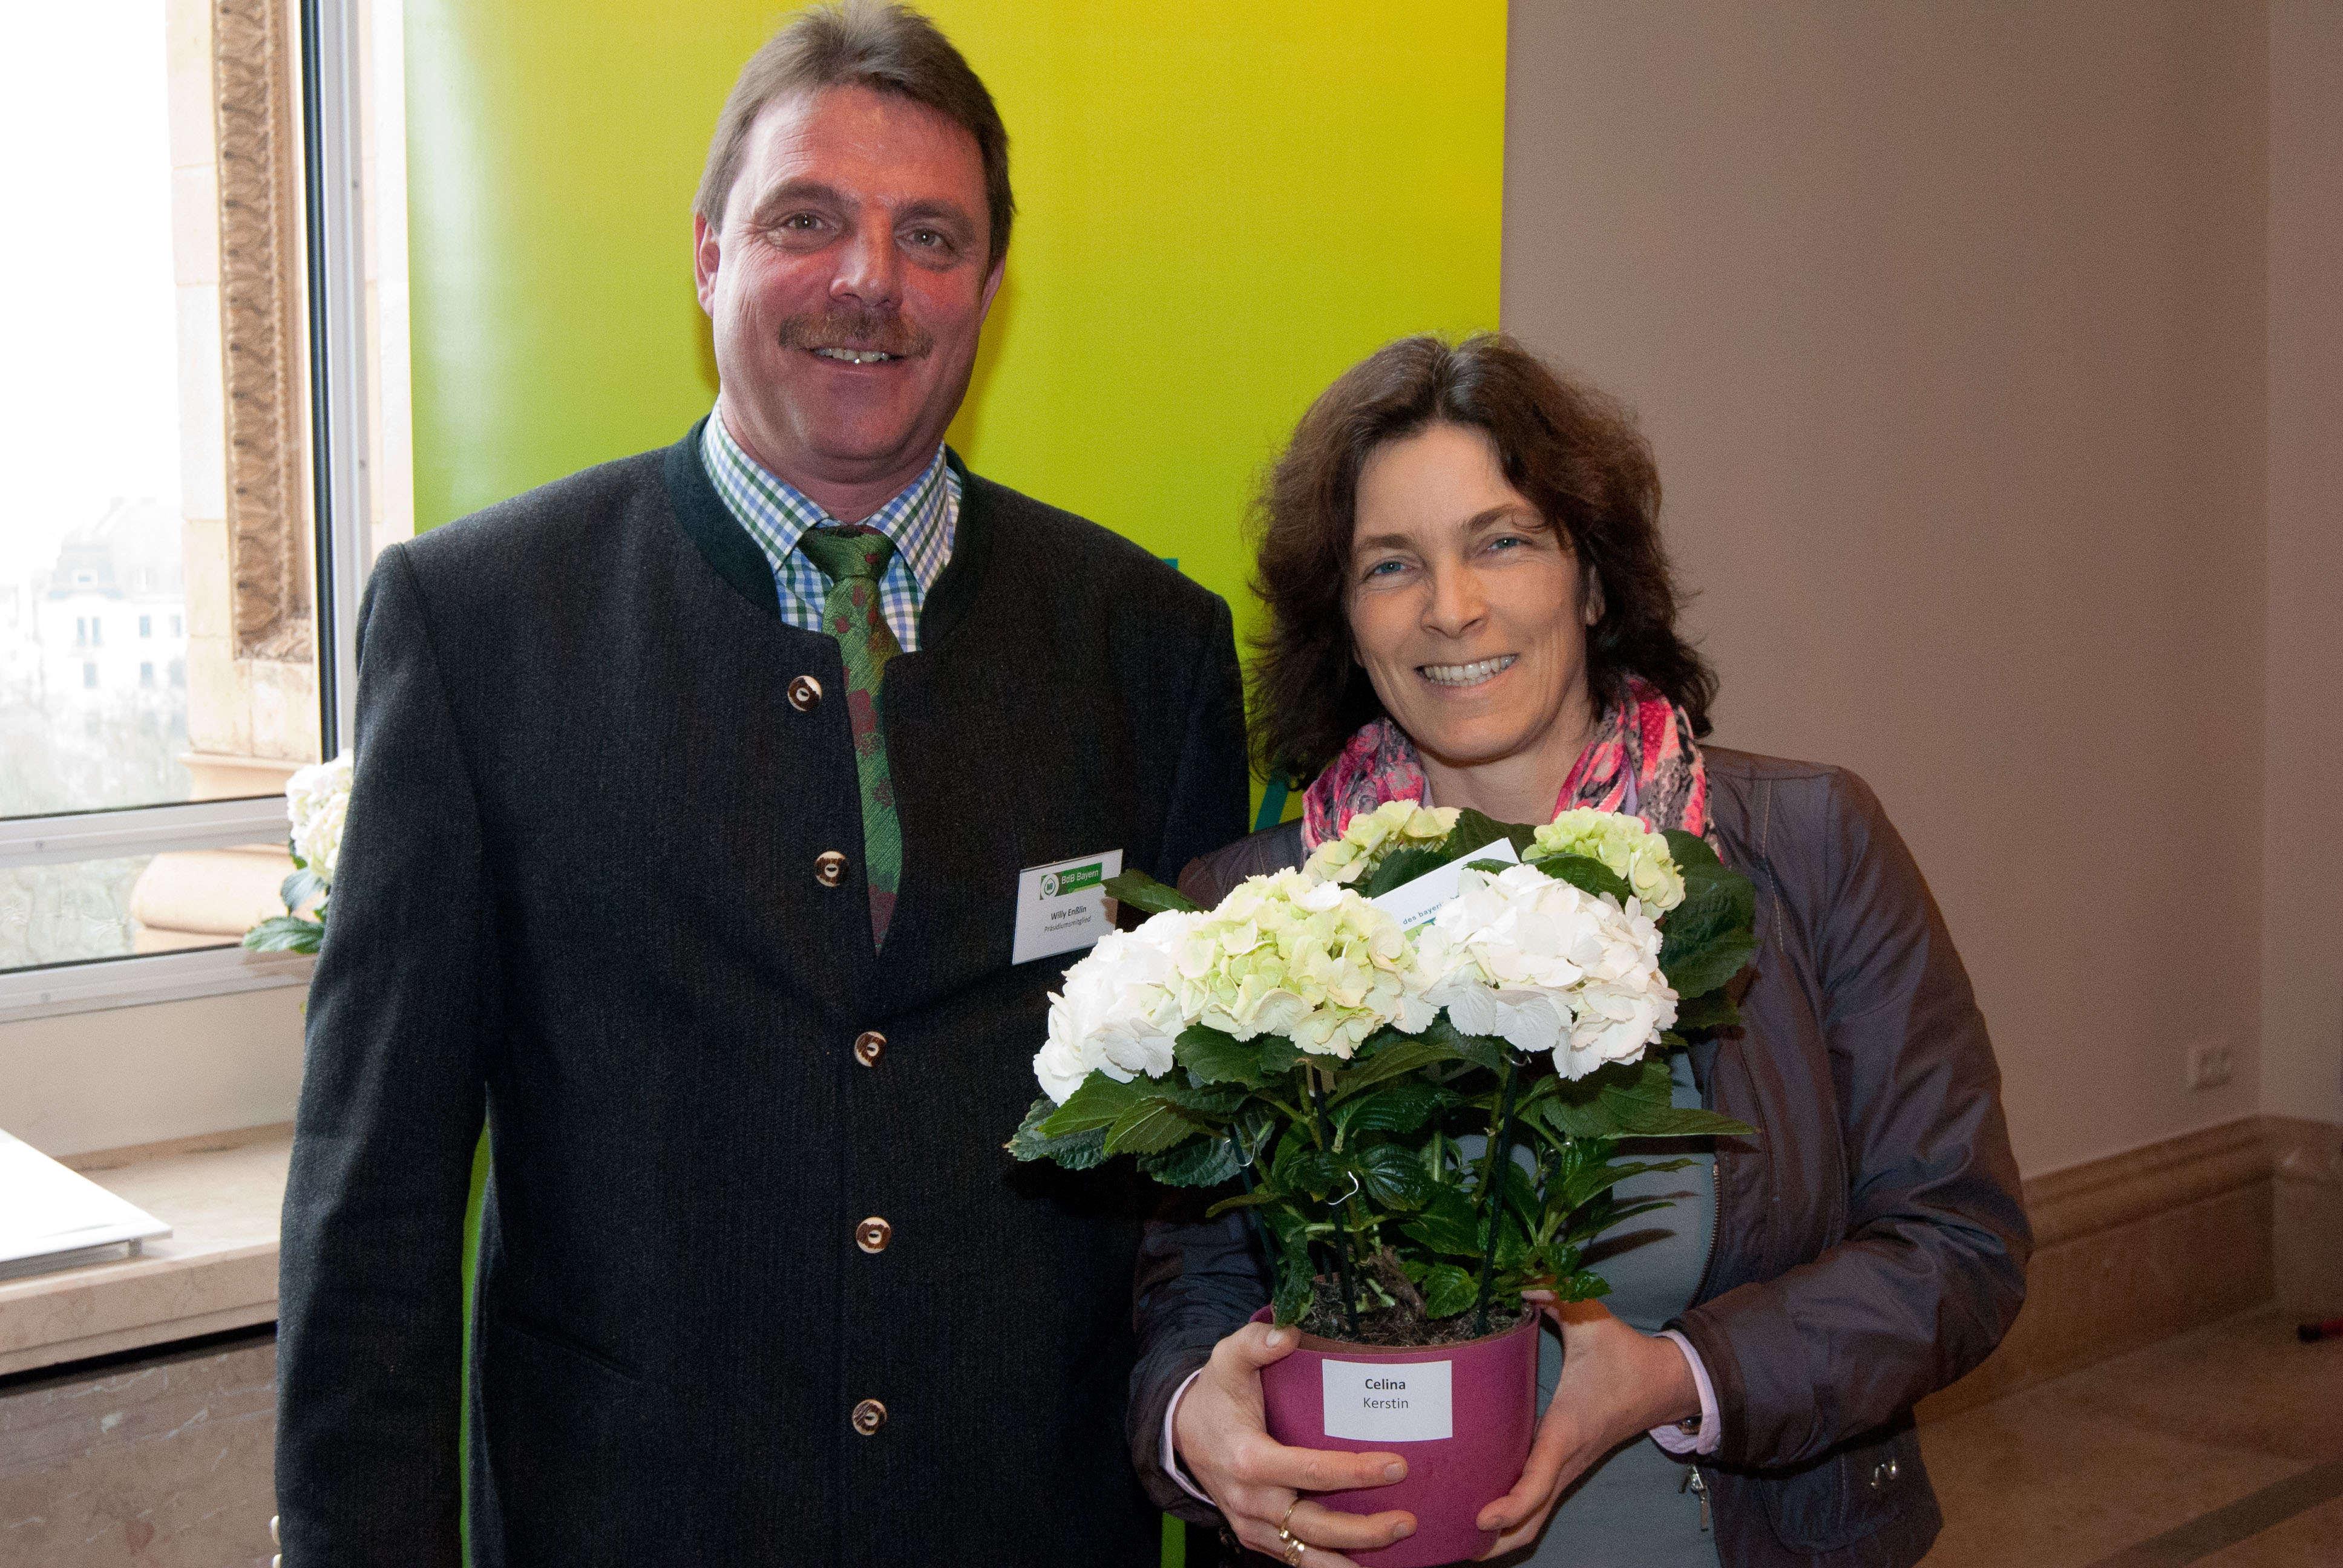 Mit dem Stellvertretenden Vorsitzenden des BdB Landesverband Bayern e.V. Willy Enßlin